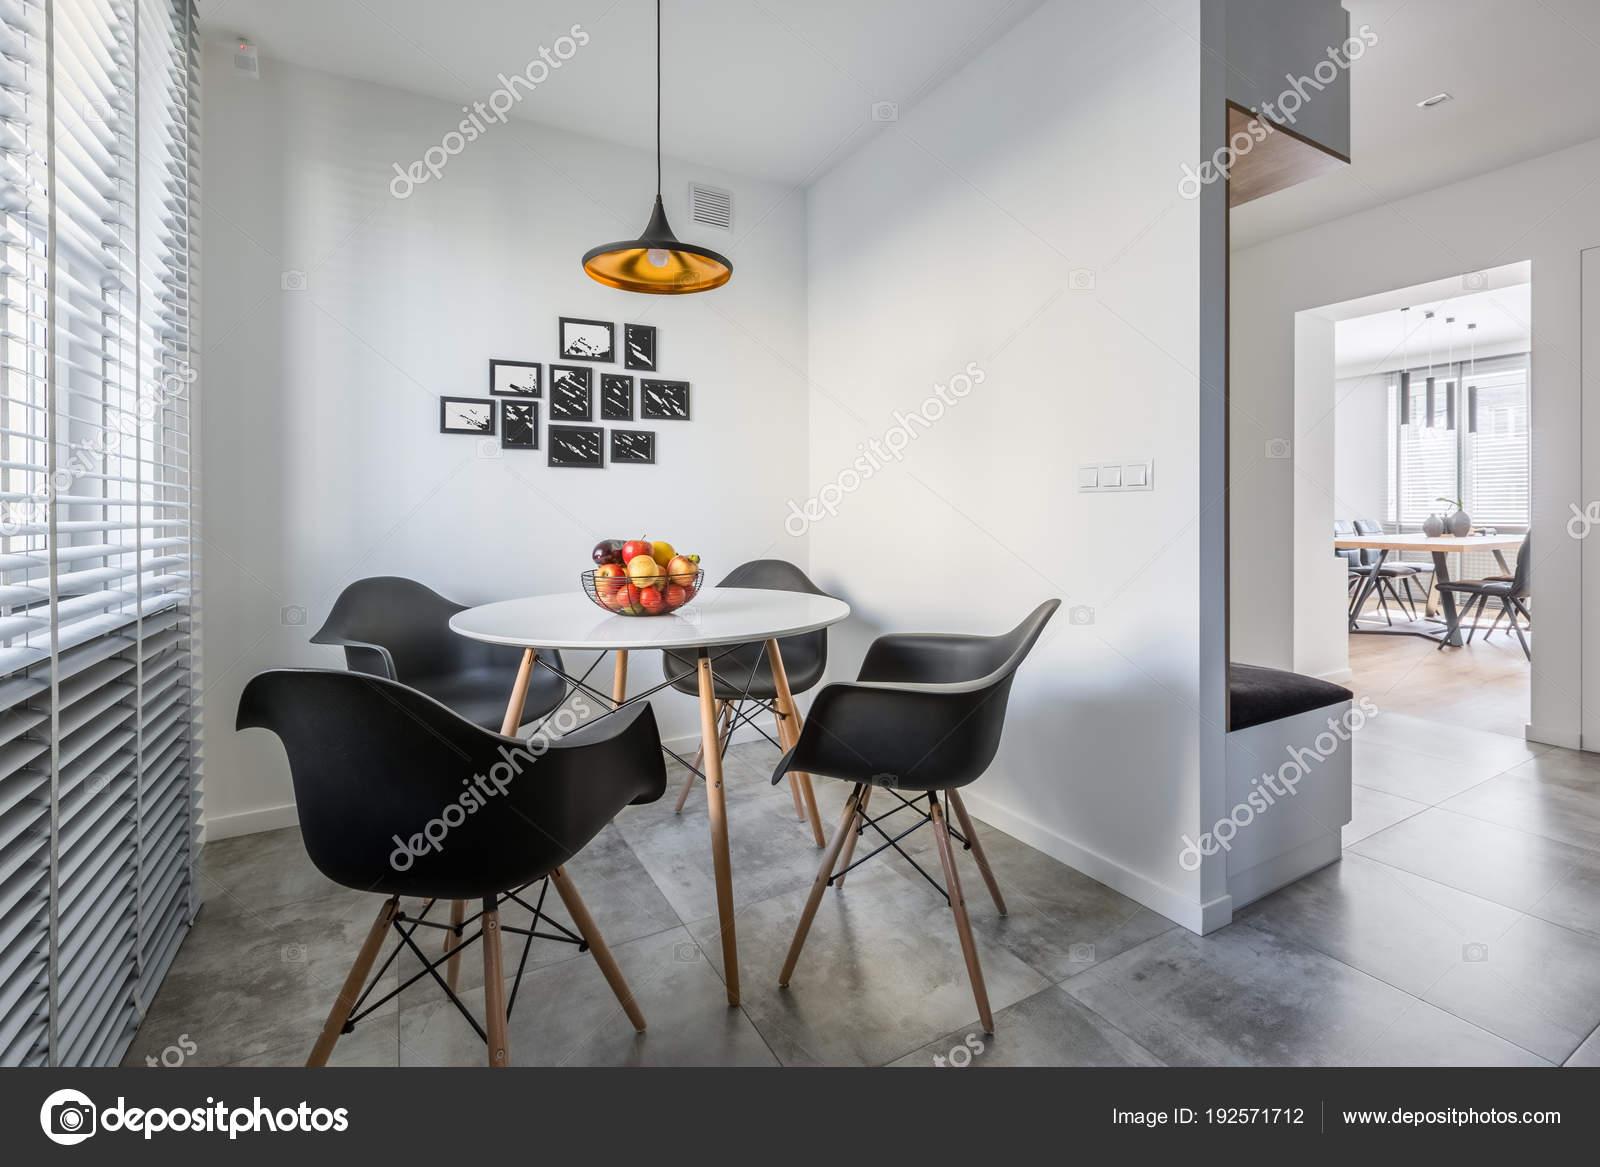 Ronde tafel met zwarte stoelen u stockfoto in mal